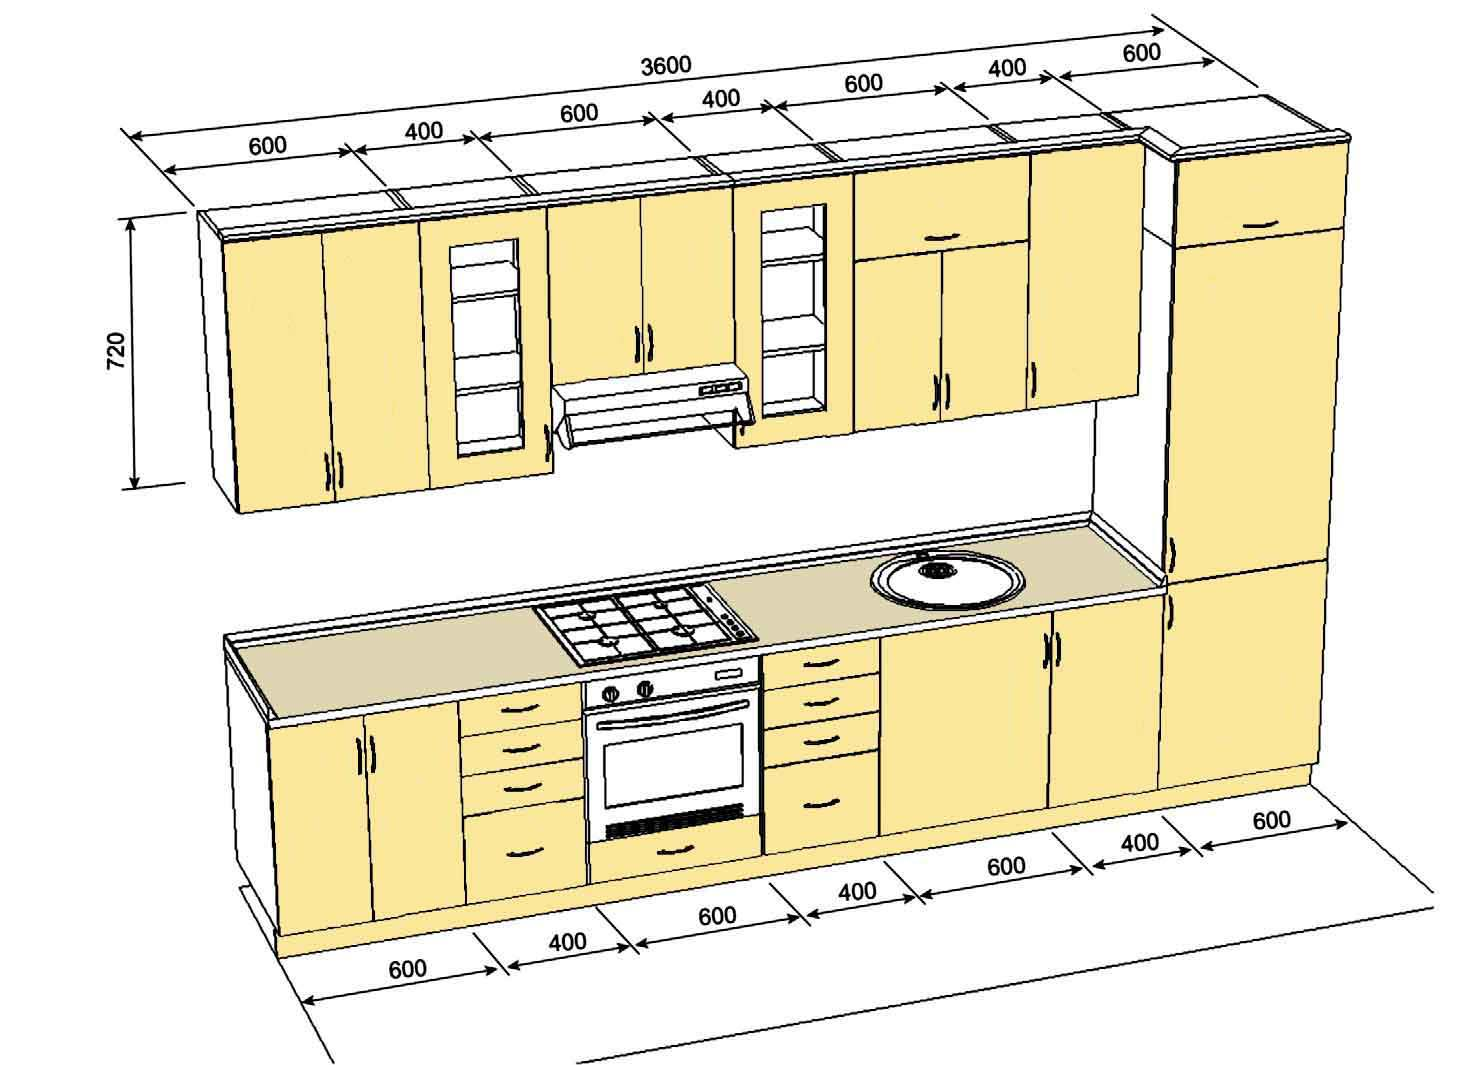 Кухня своими руками с нуля. Подробный рассказ от первого лица 91